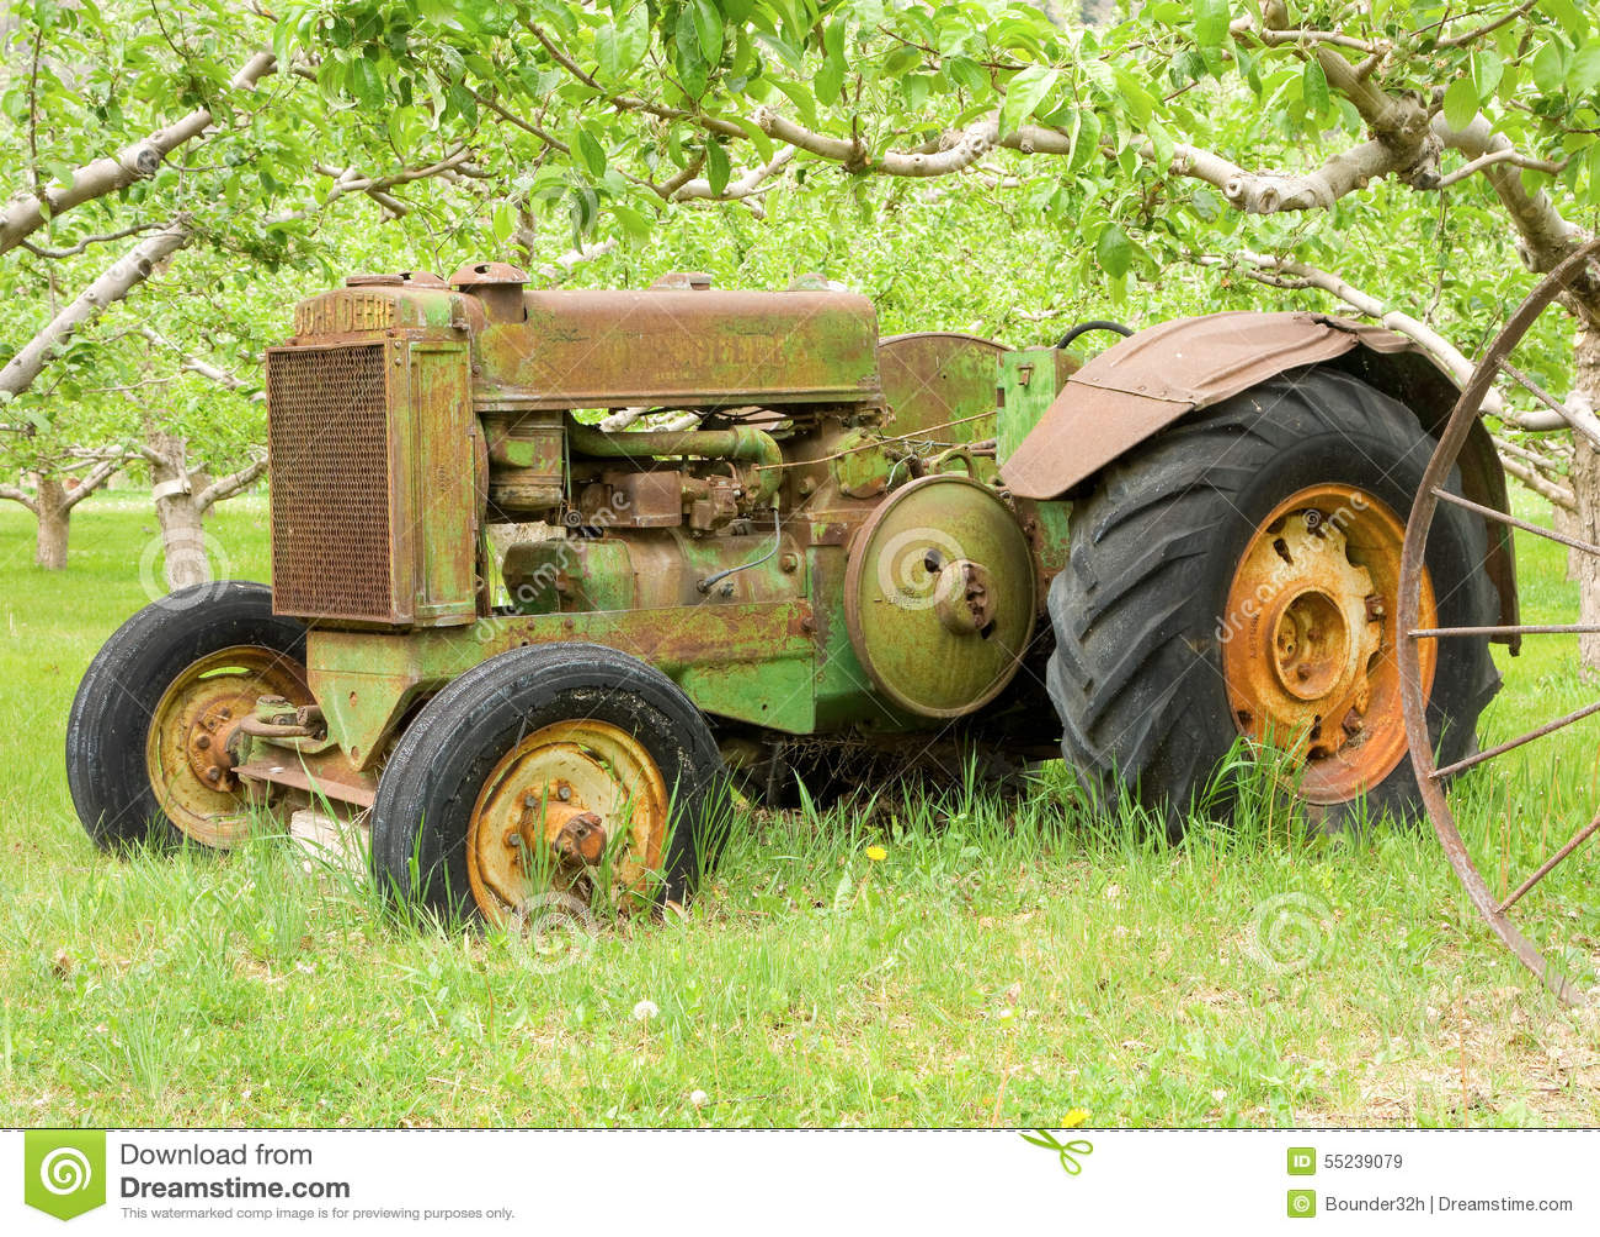 Old John Deere Tractors : An old john deere tractor in british columbia editorial